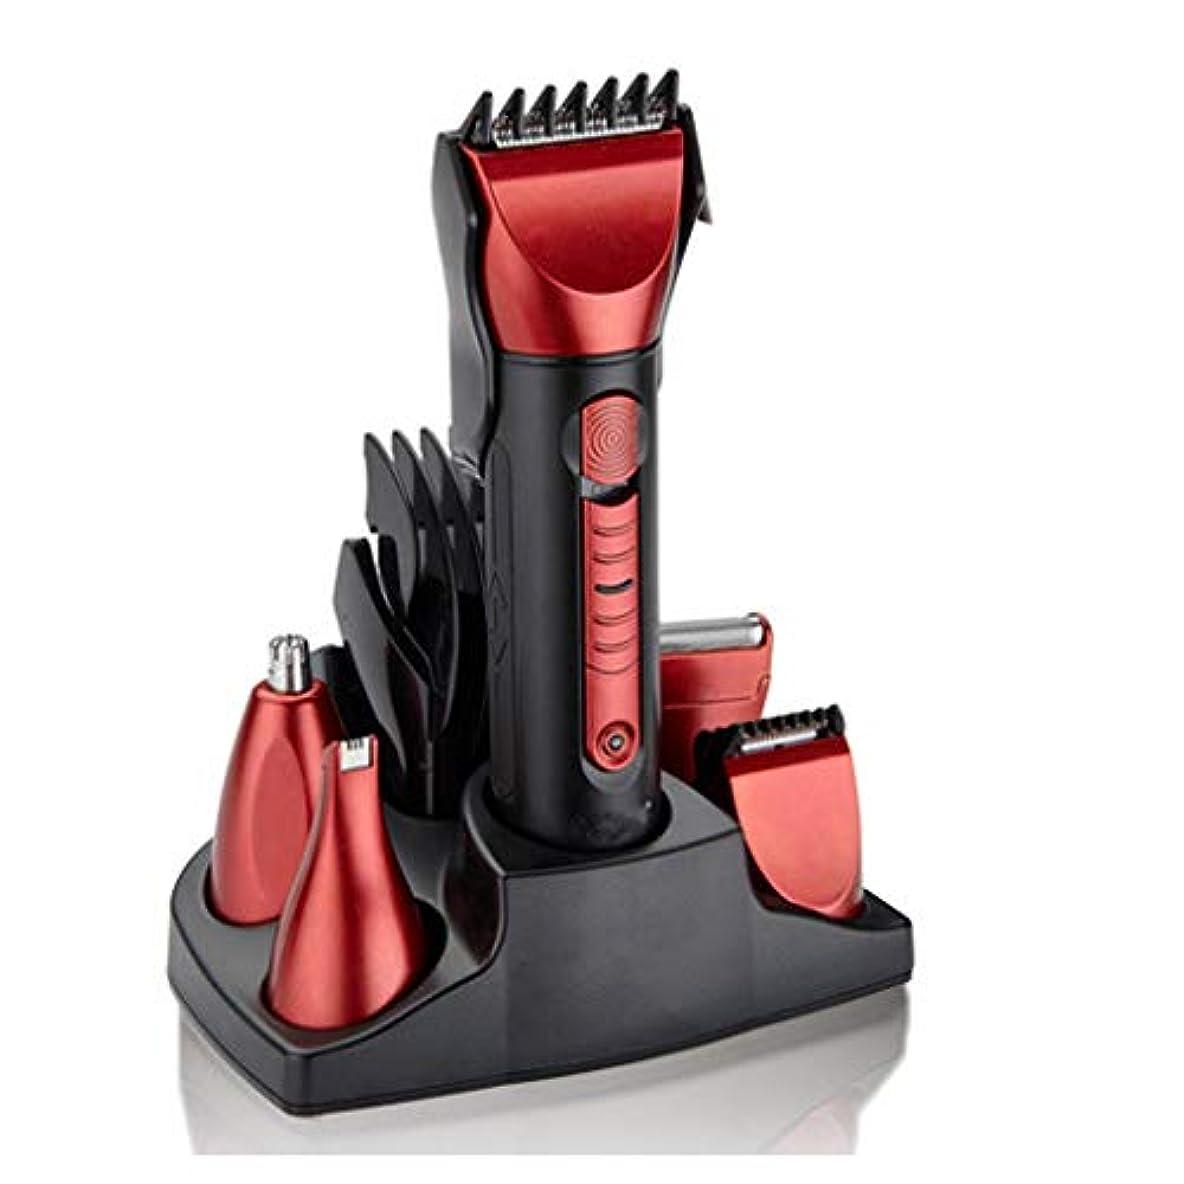 サンダース電気何故なの電動トリマーセット/メンズバリカン/かみそり/鼻毛トリム、コードレス充電、多機能ファイブインワン